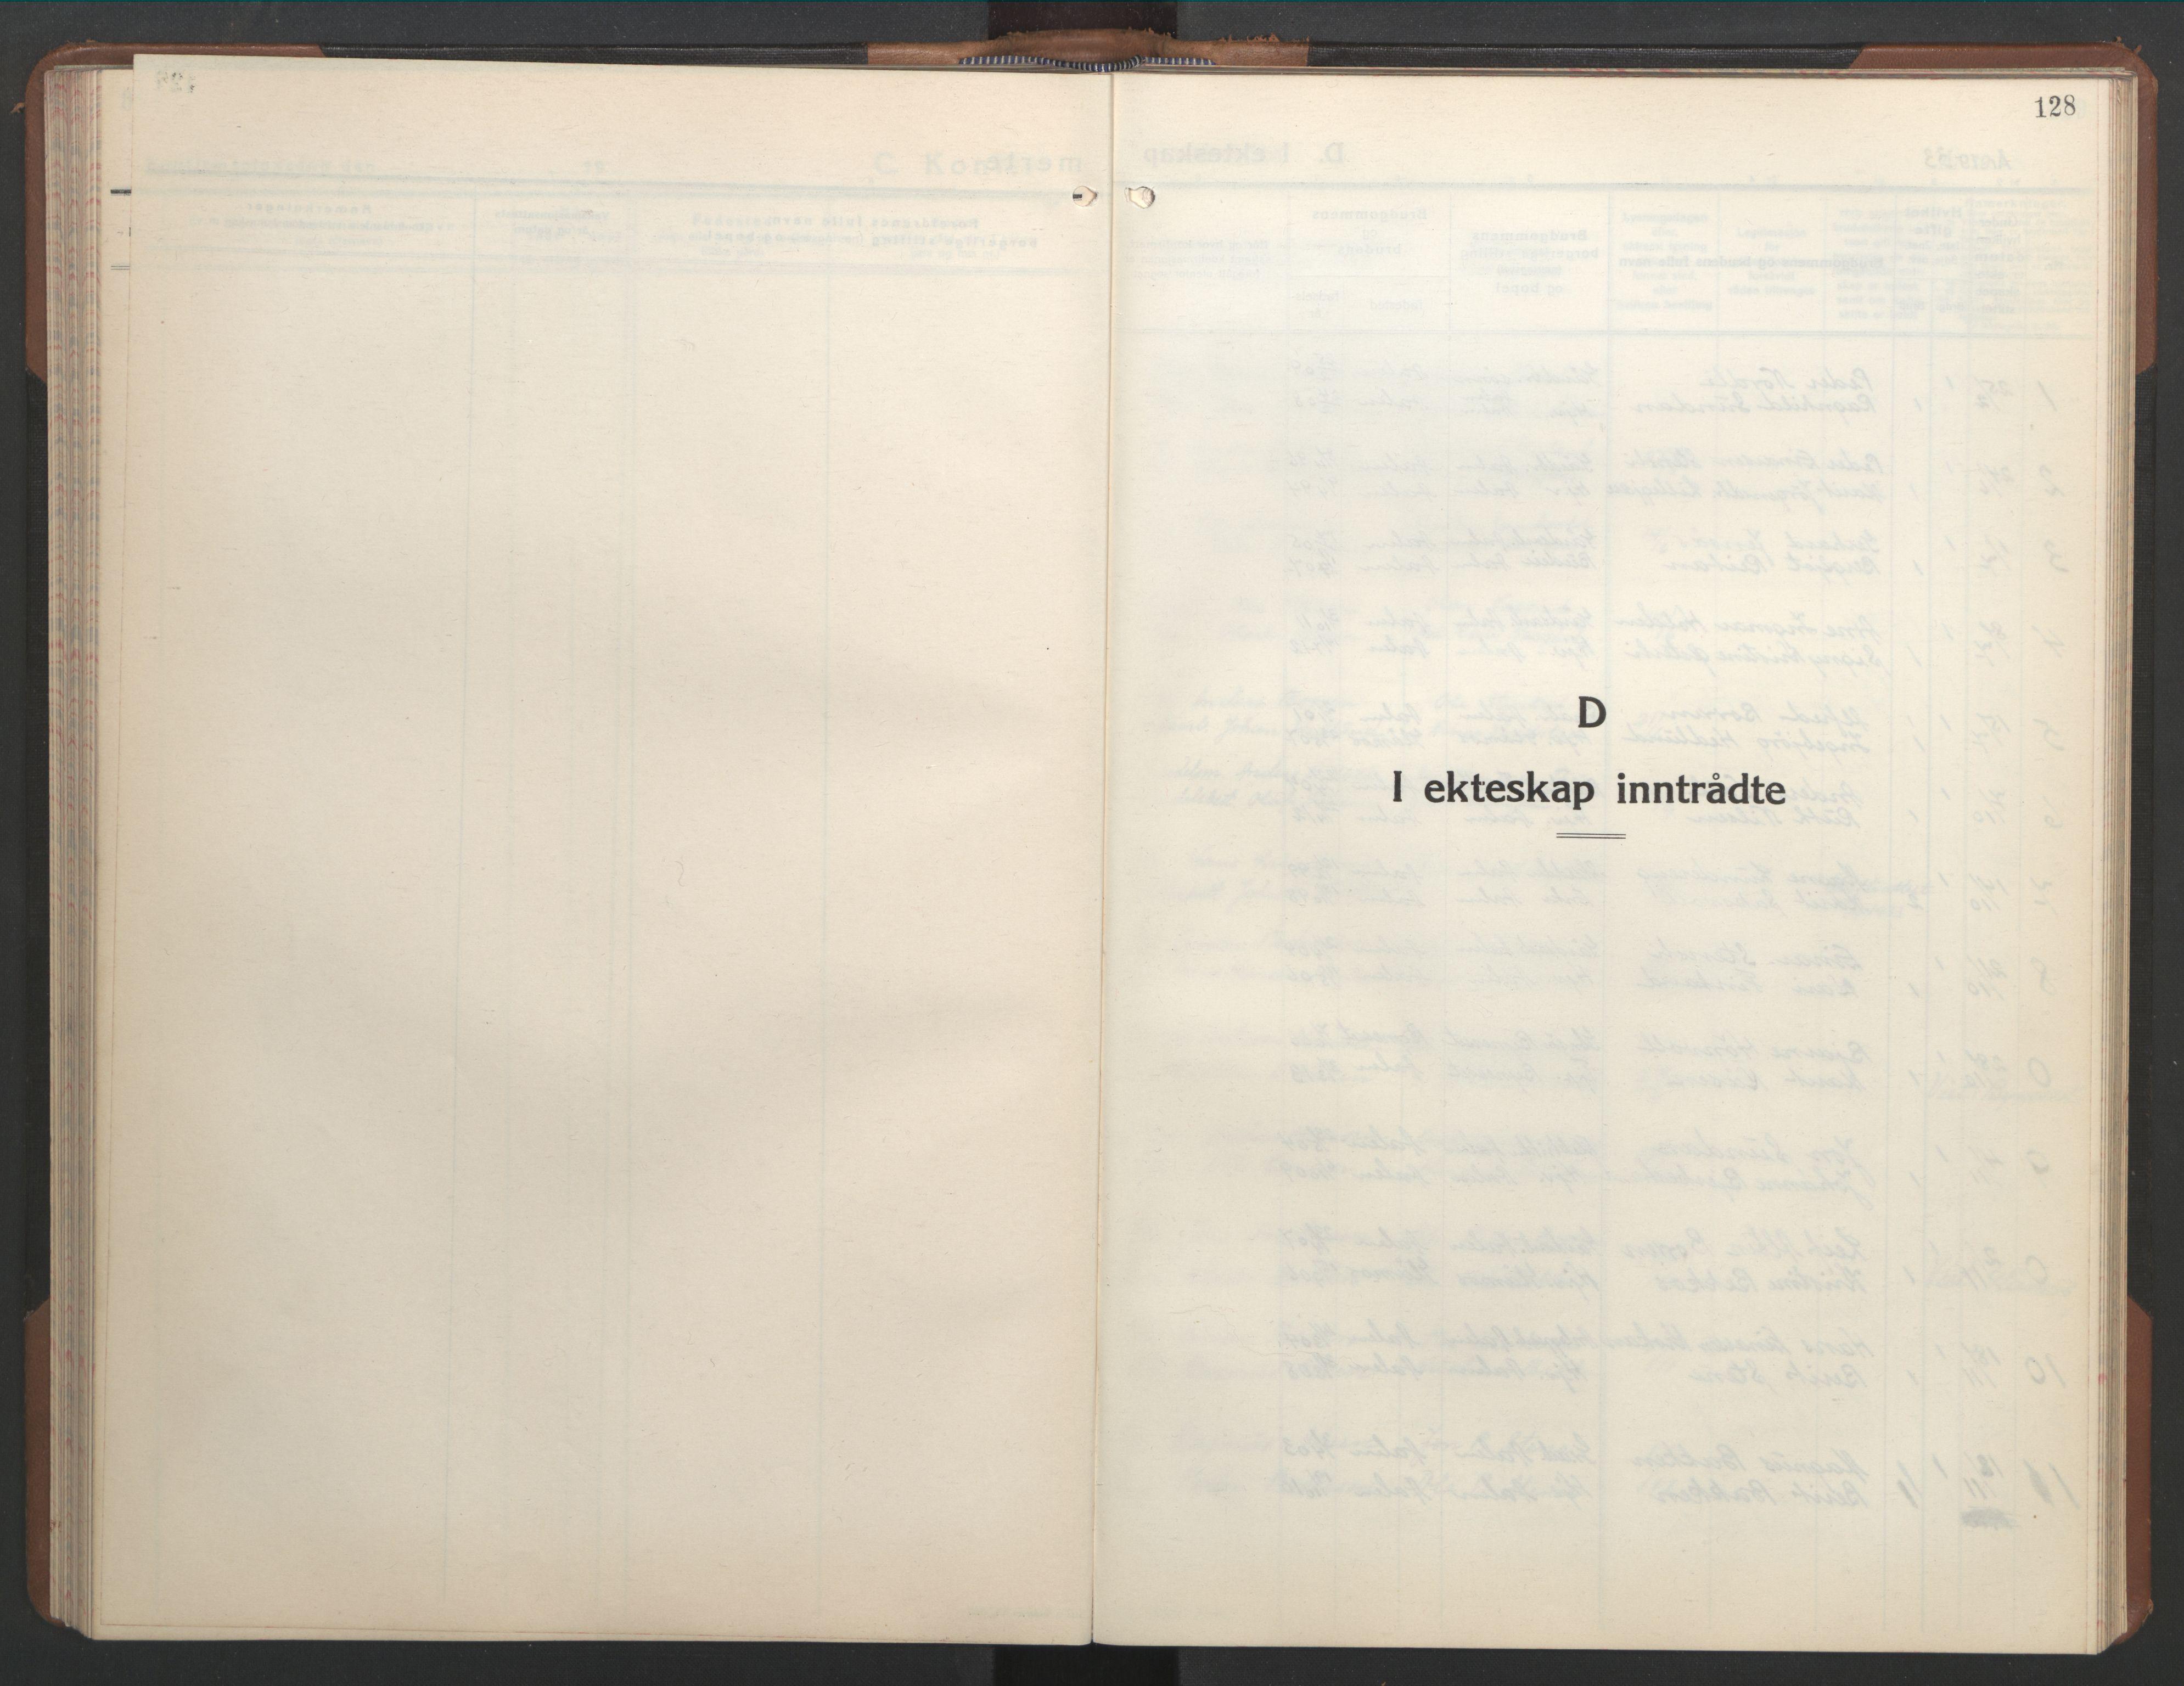 SAT, Ministerialprotokoller, klokkerbøker og fødselsregistre - Sør-Trøndelag, 686/L0986: Klokkerbok nr. 686C02, 1933-1950, s. 128